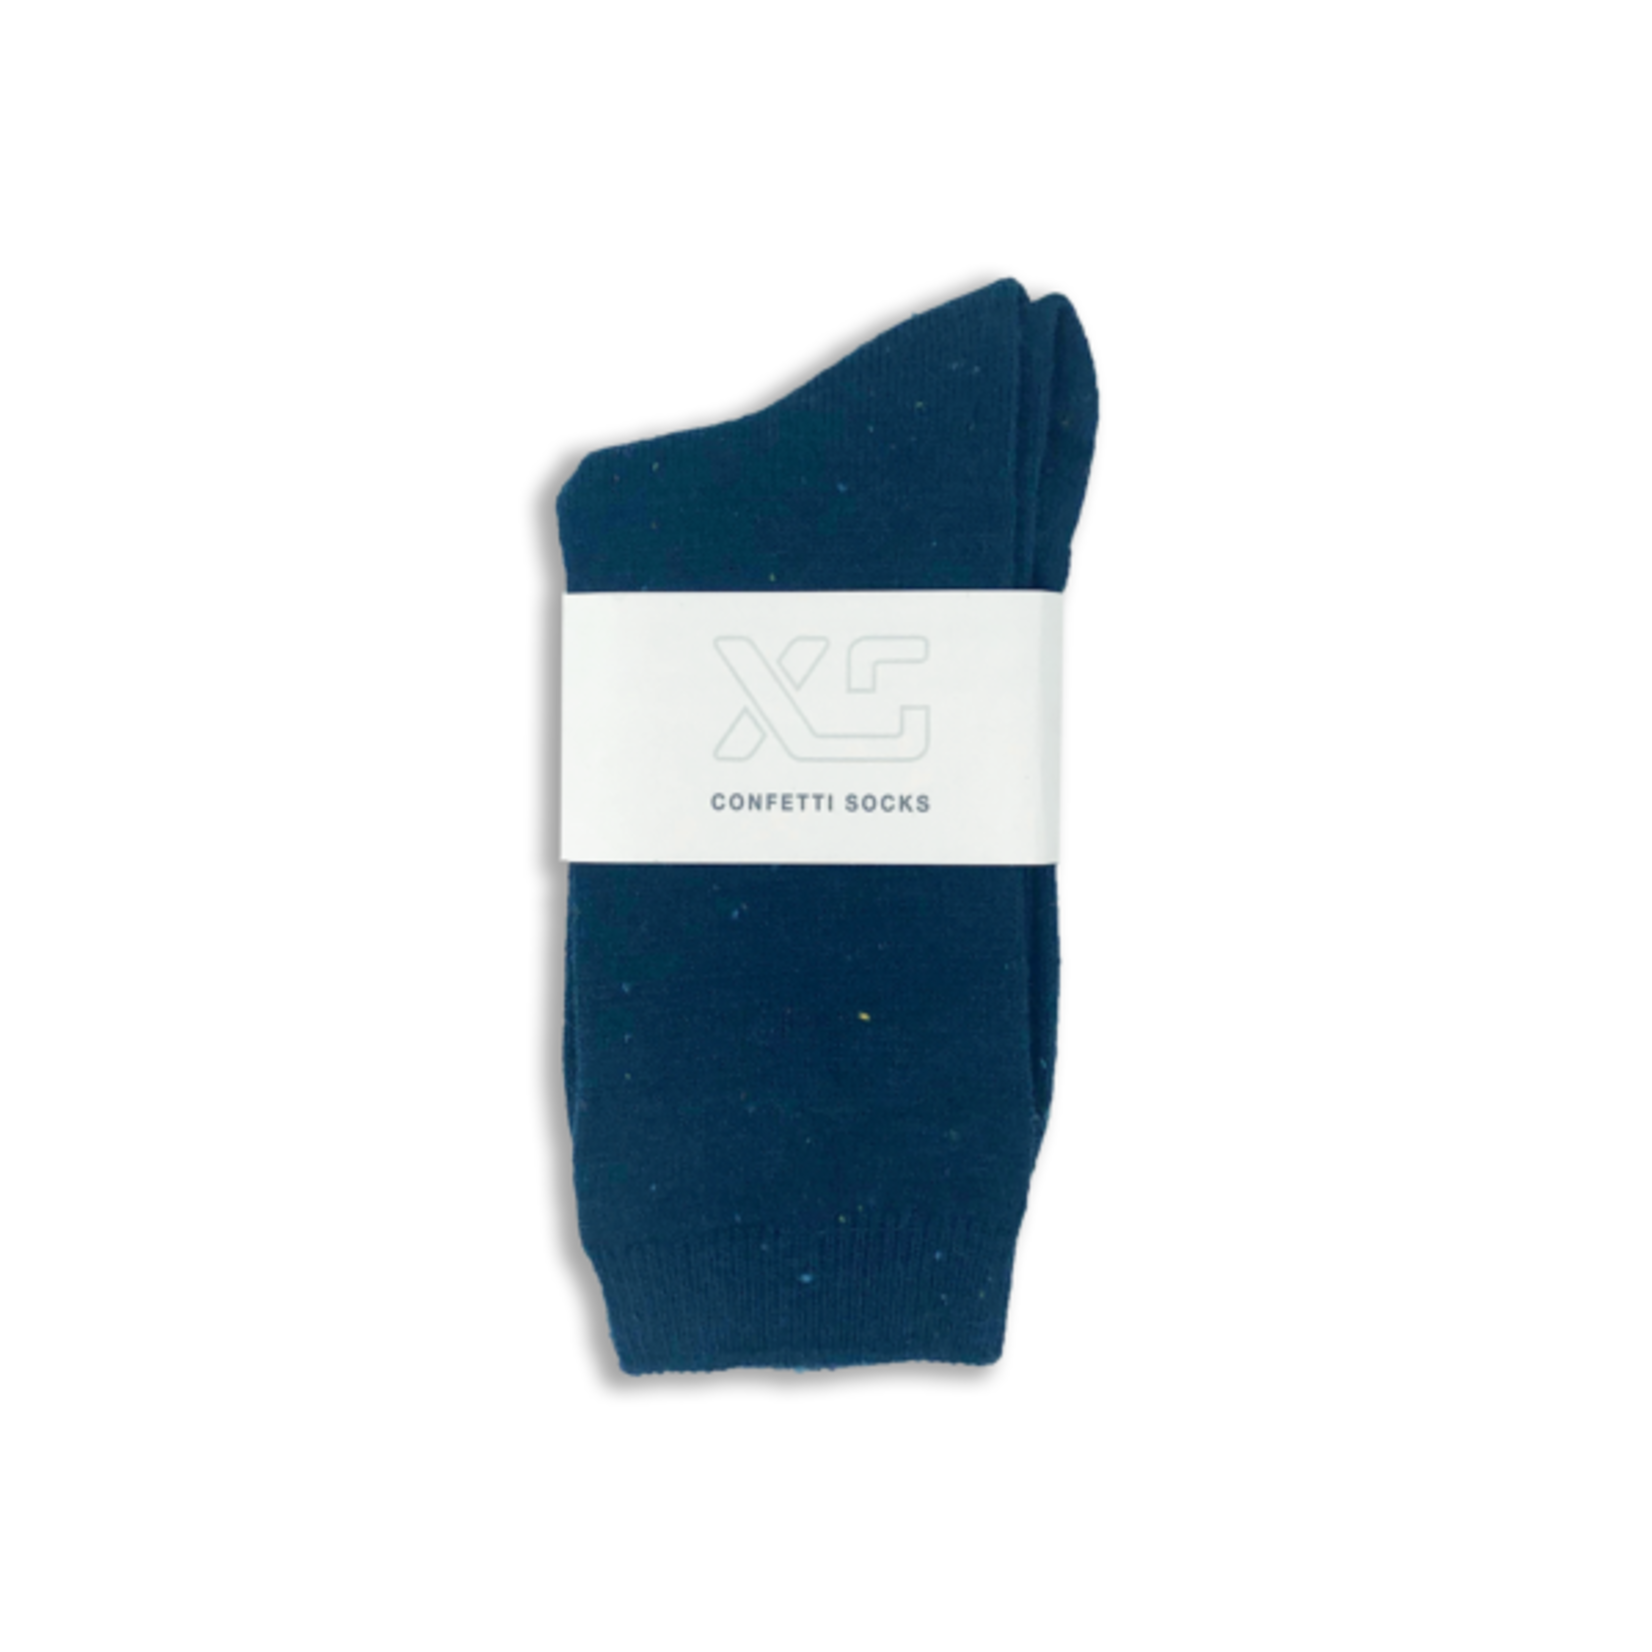 XS Unified XS Unified Confetti Socks